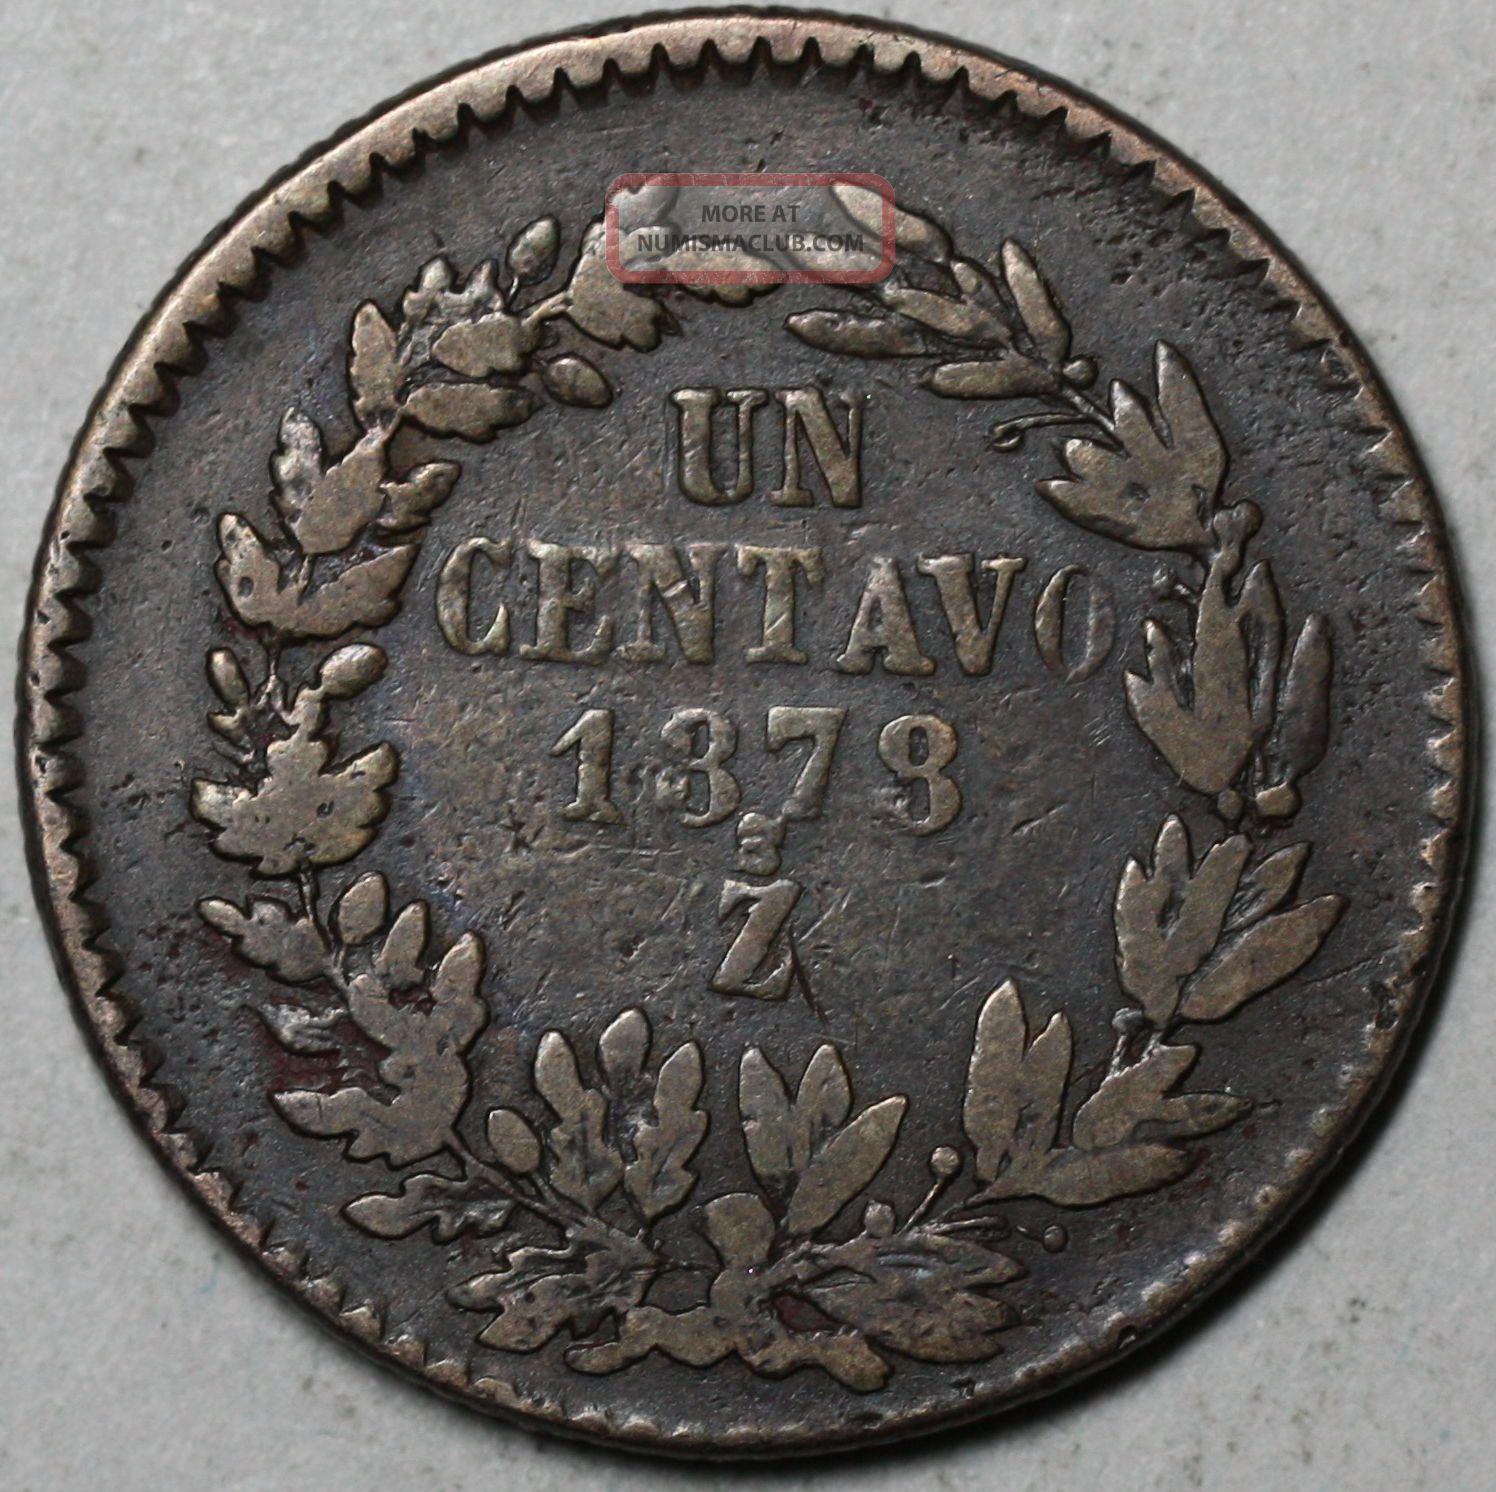 1878 Zs Large Centavo Mexico Big Copper Centavo Rare